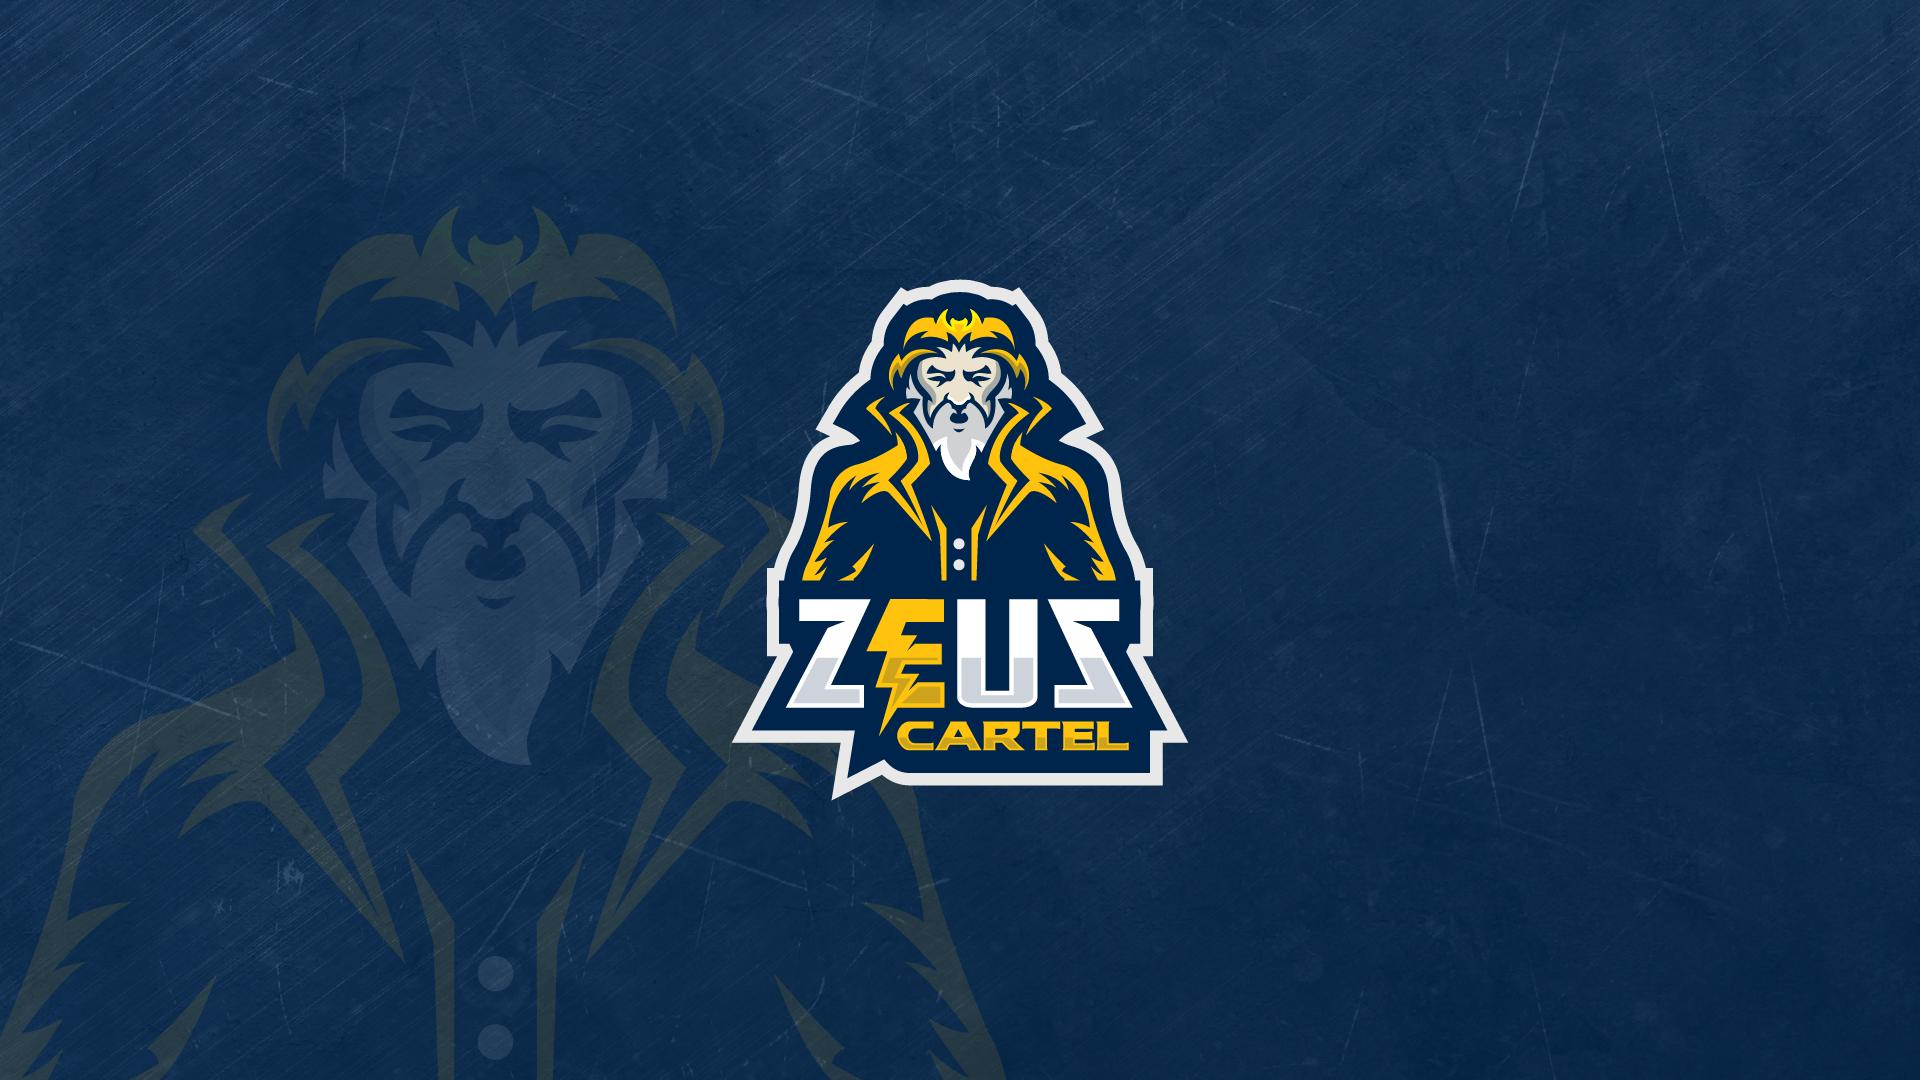 Zeus Cartel